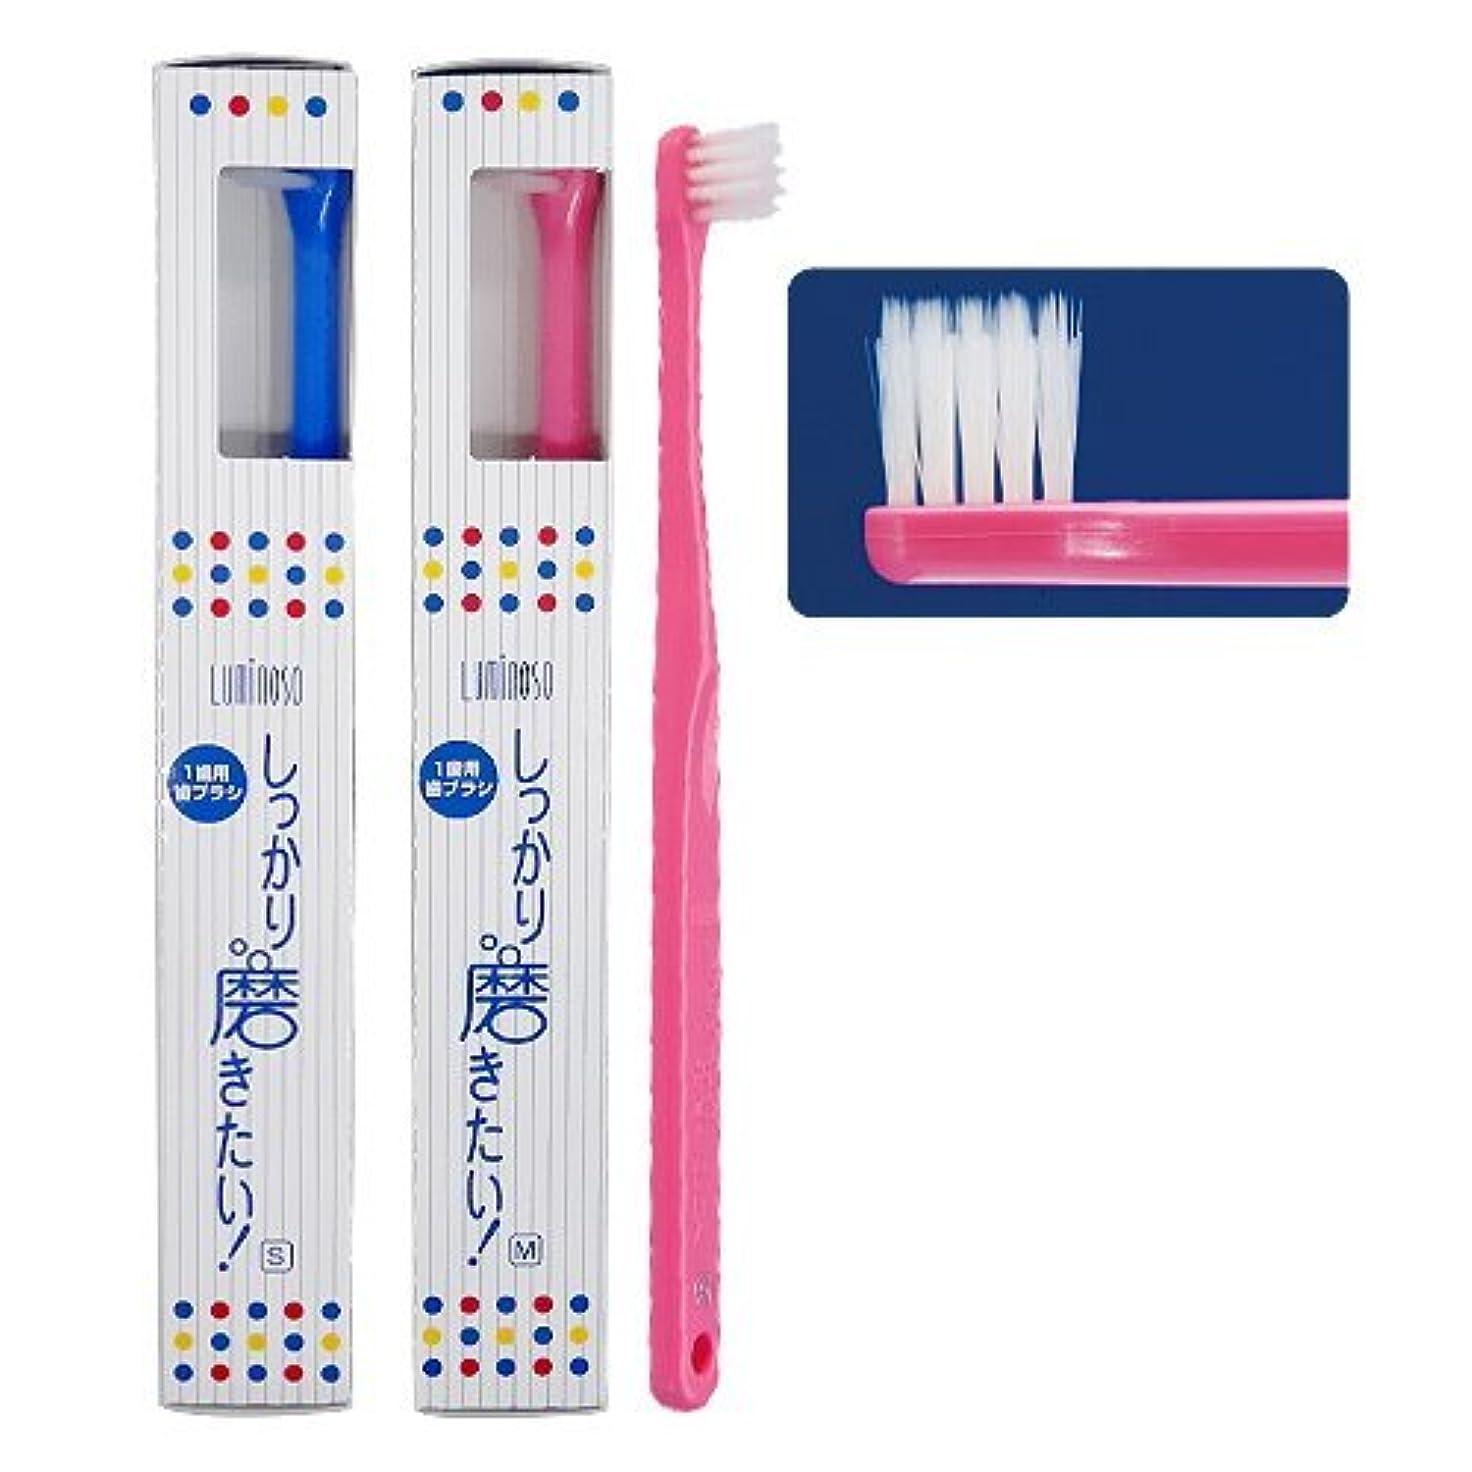 難しい解明するアイドルルミノソ 1歯用歯ブラシ「しっかり磨きたい!」スタンダード ミディアム (カラー指定不可) 5本